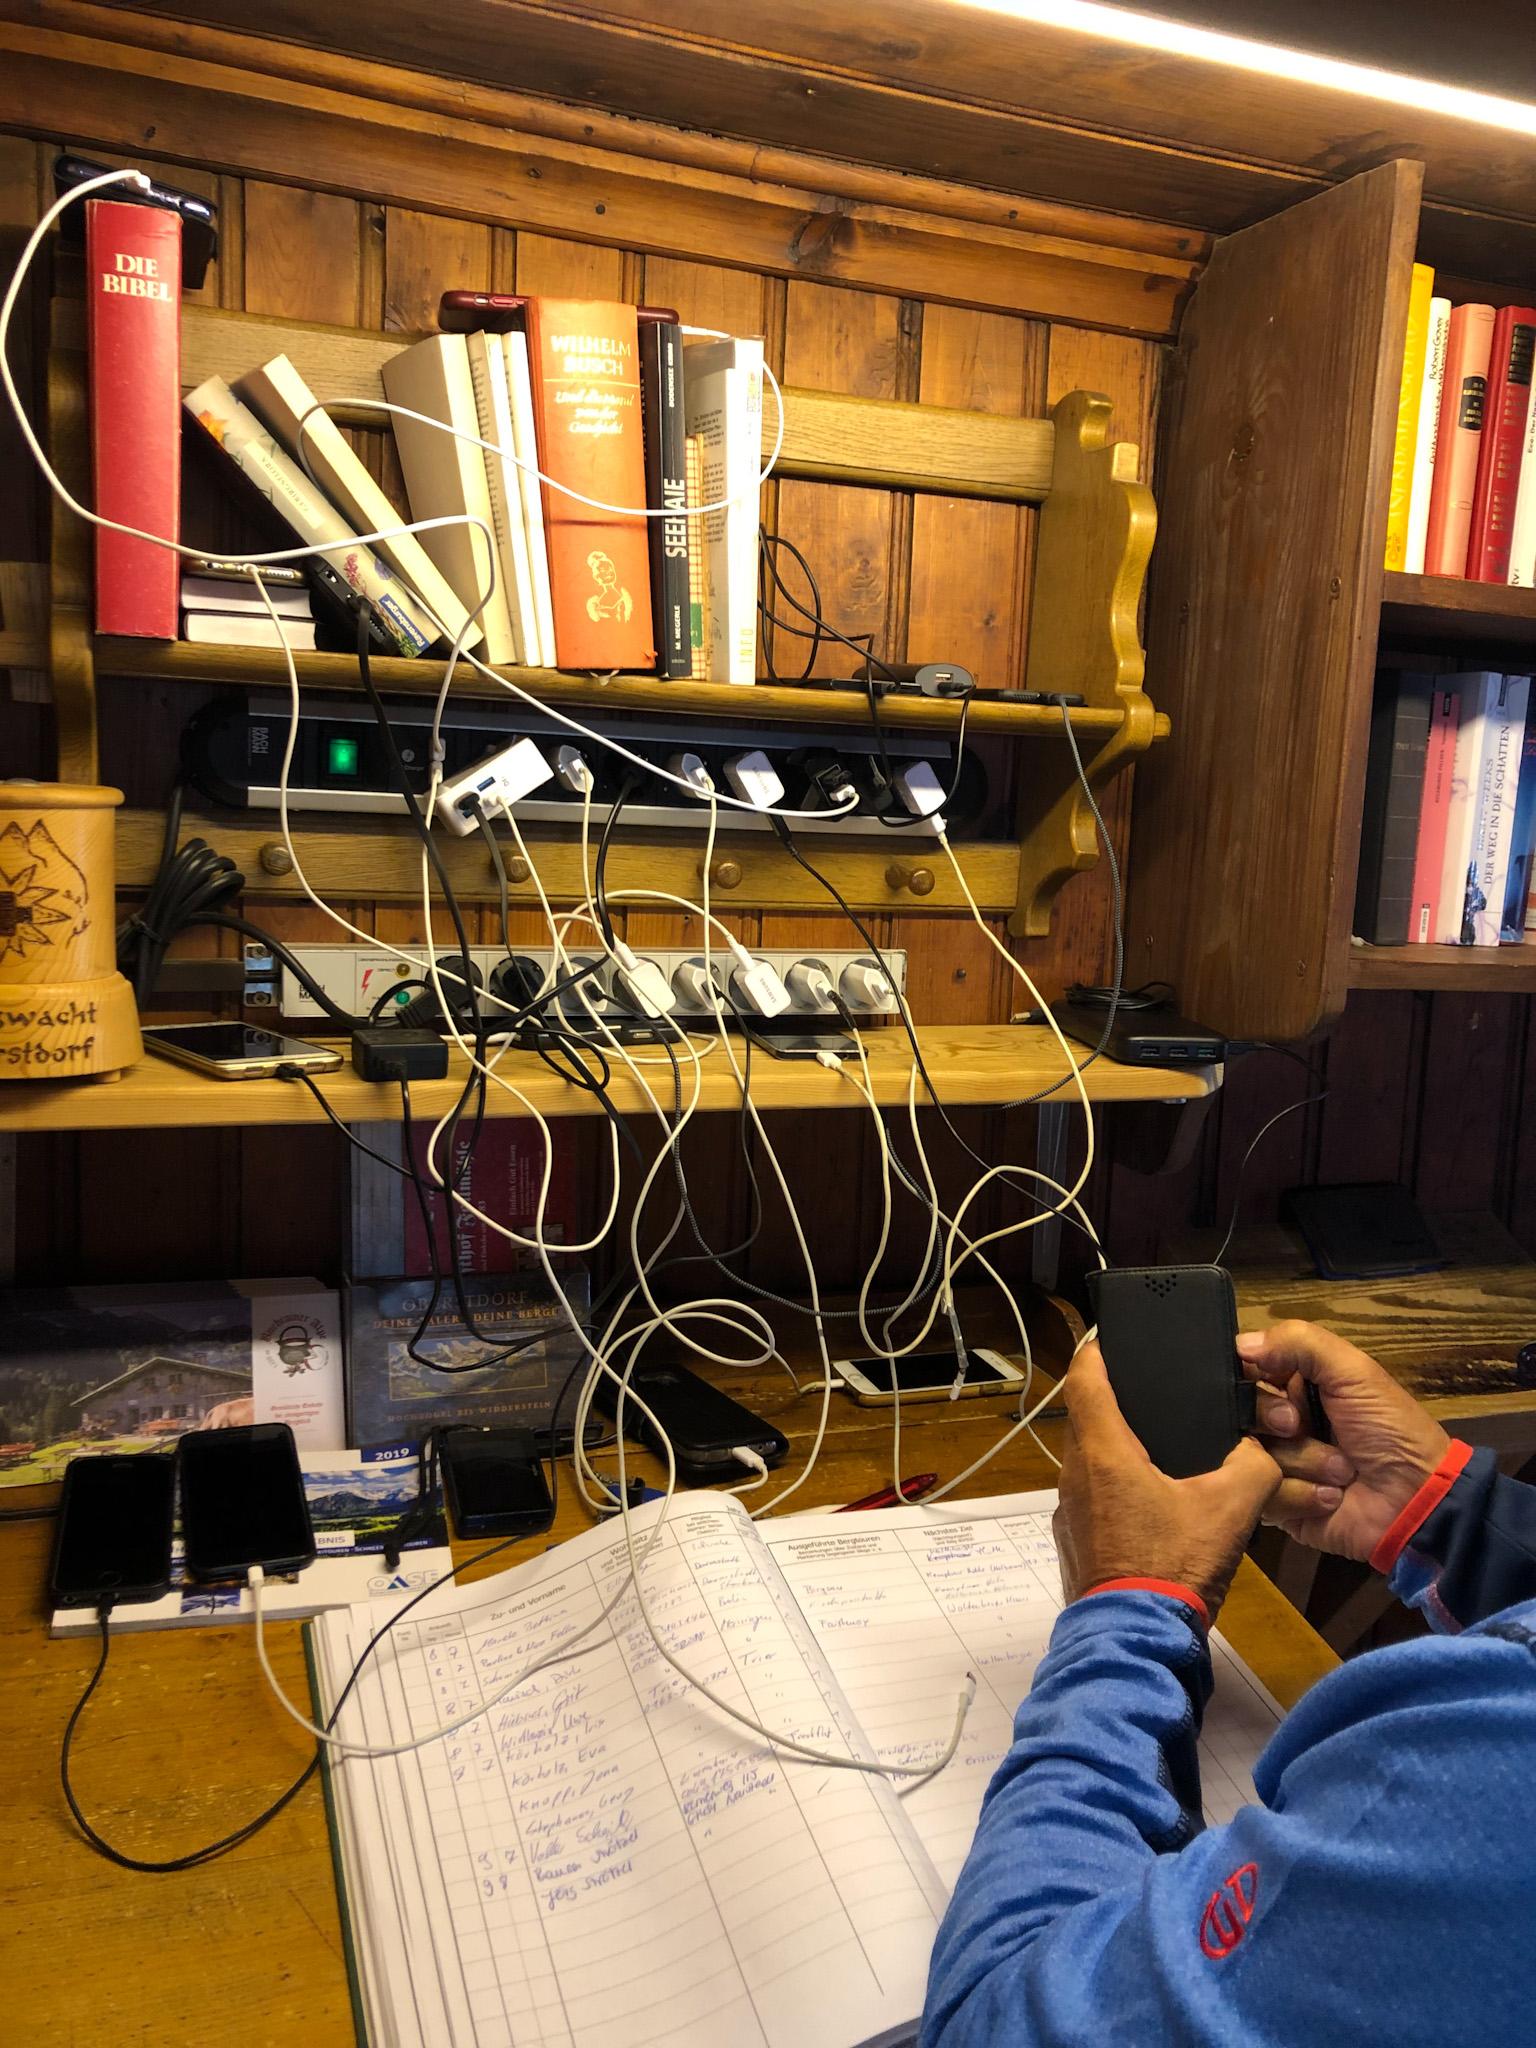 Un homme charge son téléphone sur une multiprise encombrée au refuge de Rappensee dans les Alpes d'Allgäu en Bavière